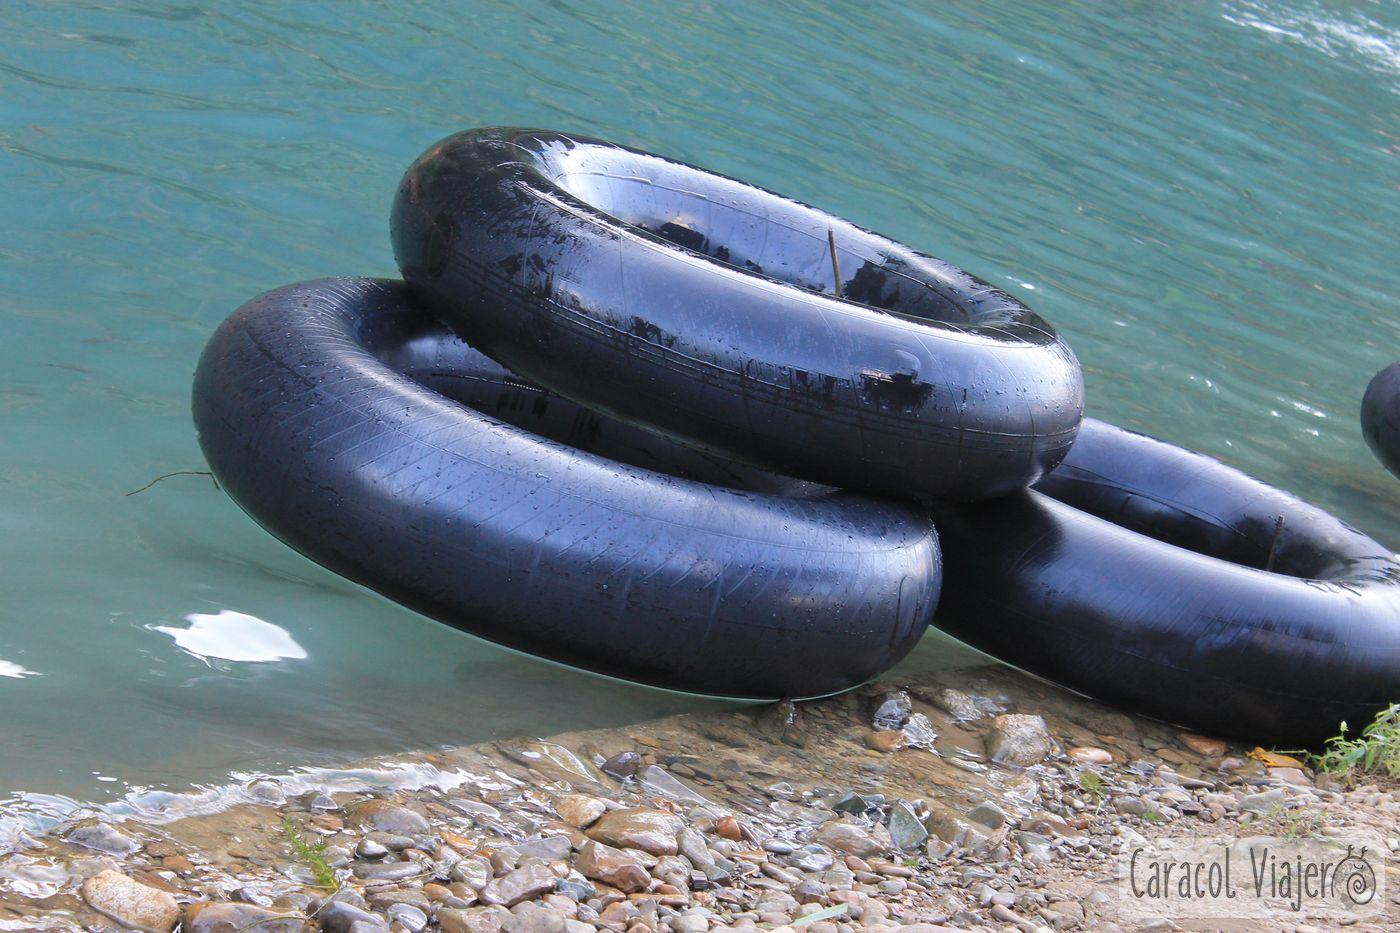 Laos tubing